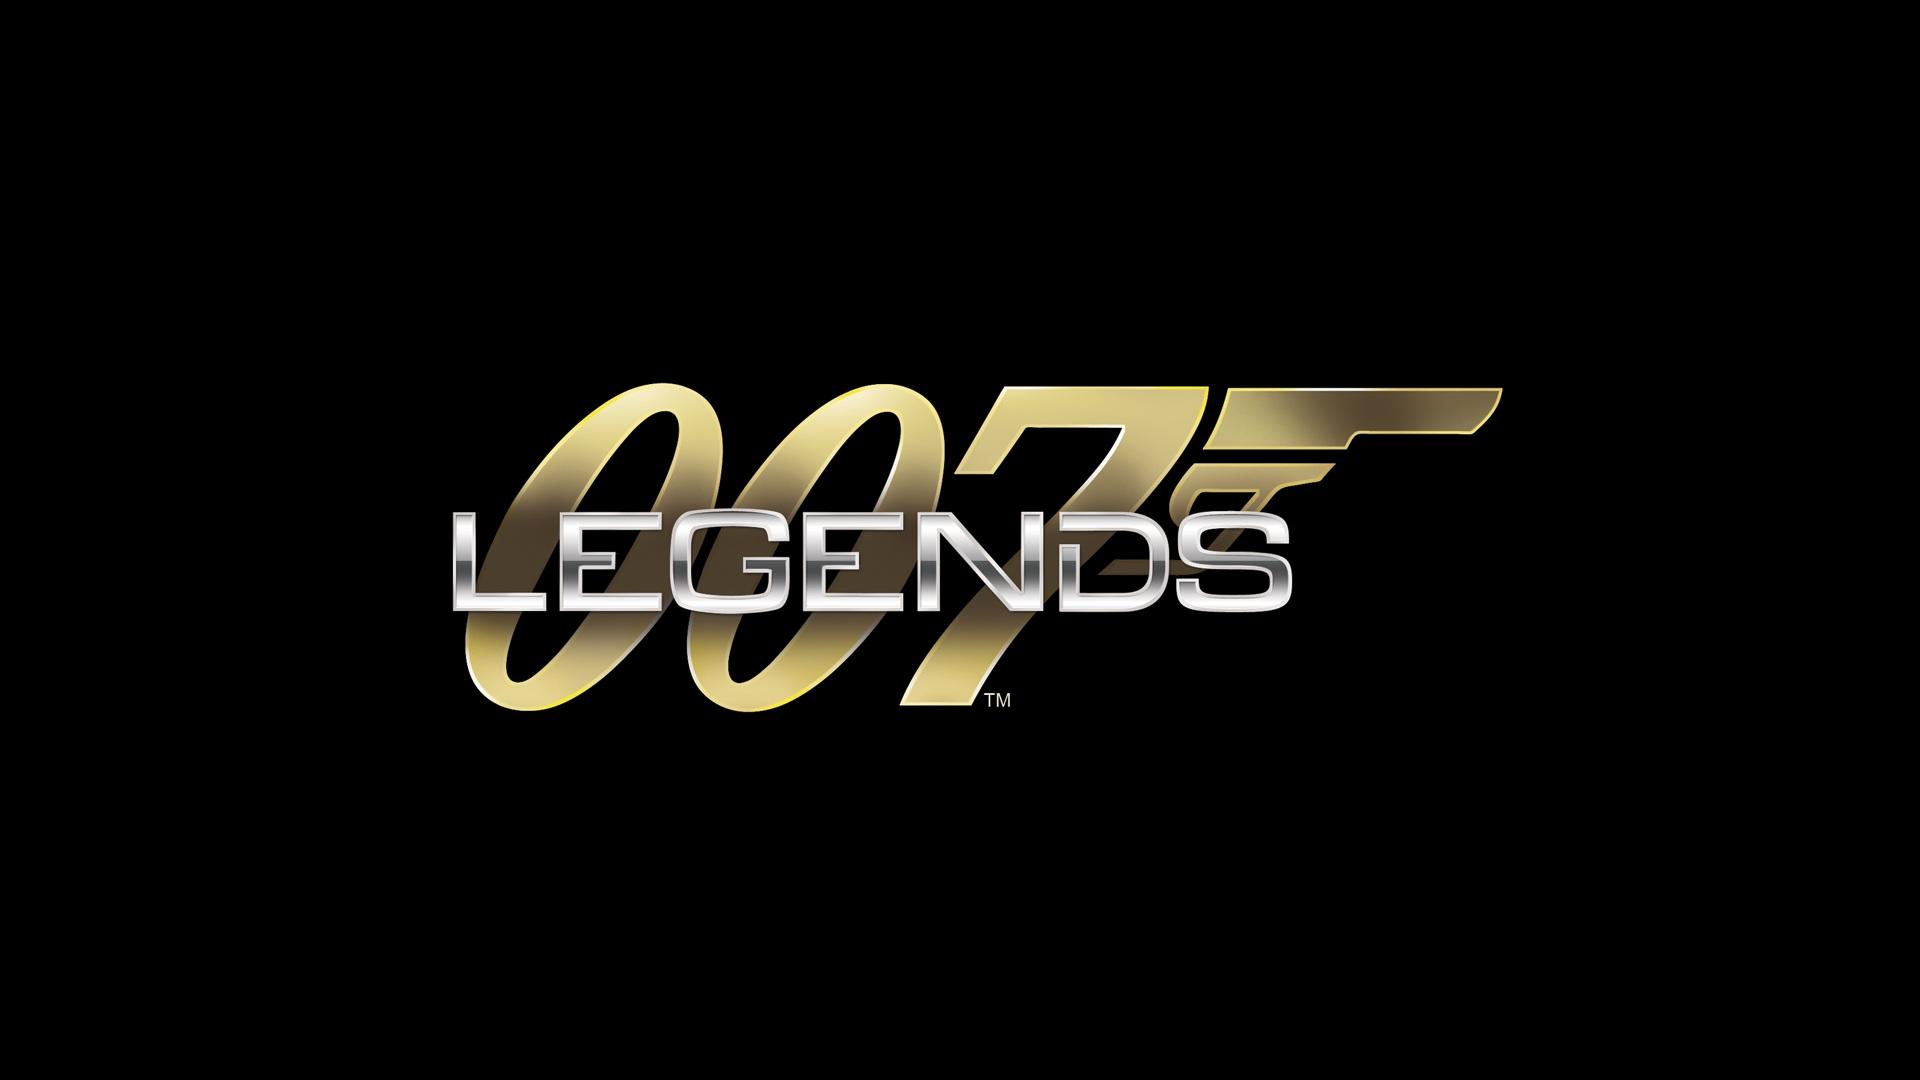 007 Legends wallpaper 1